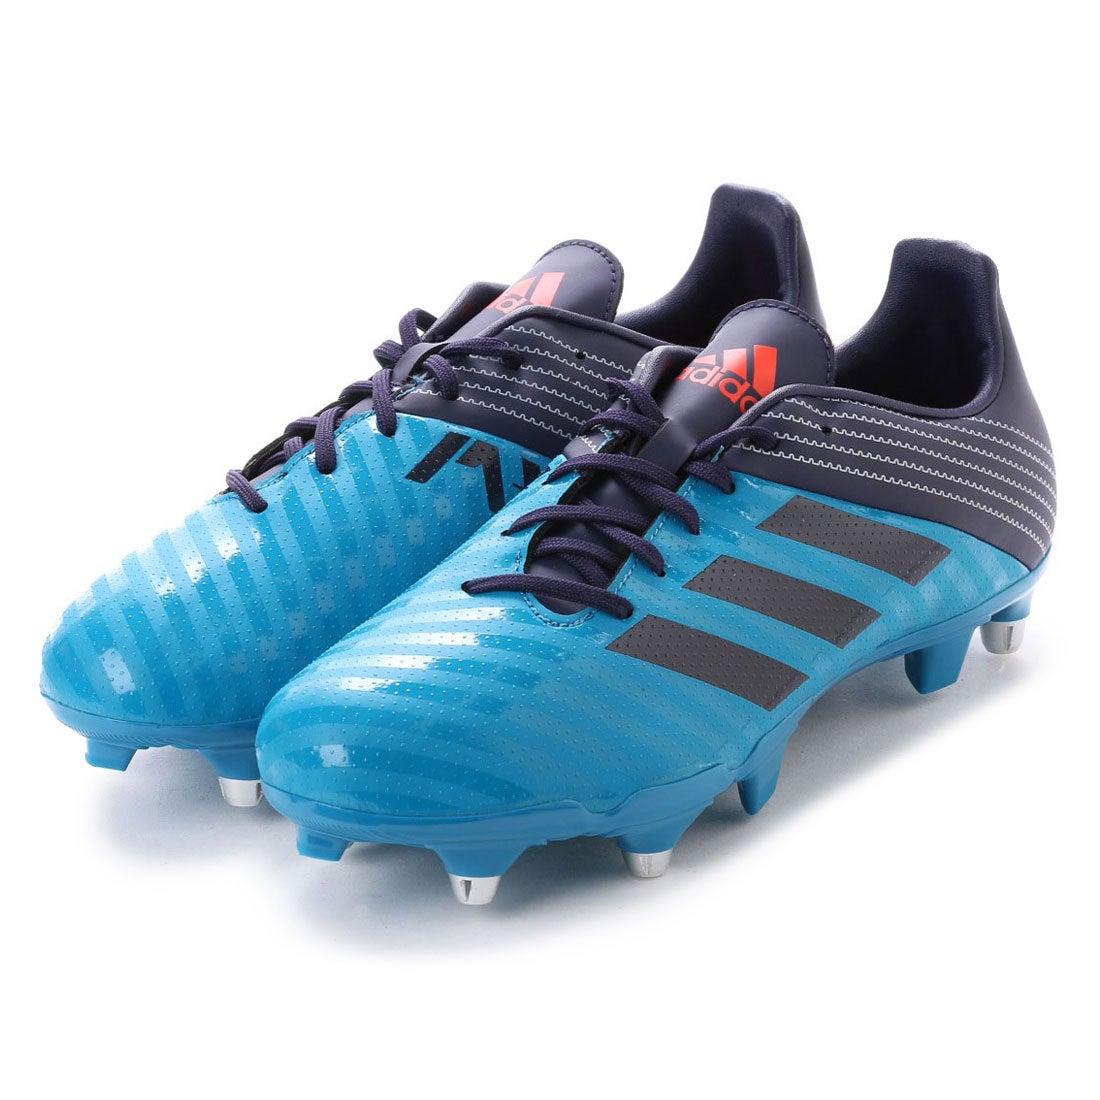 【SALE 10%OFF】アディダス adidas メンズ ラグビー スパイクシューズ マライス - SG BY2006 12